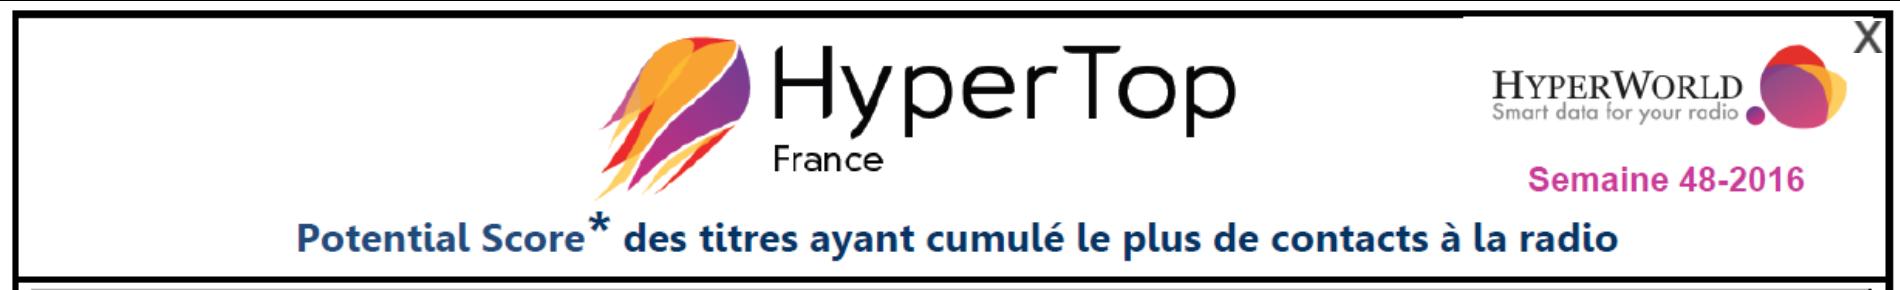 HyperTop France : l'agrément des auditeurs aux 25 titres les plus entendus